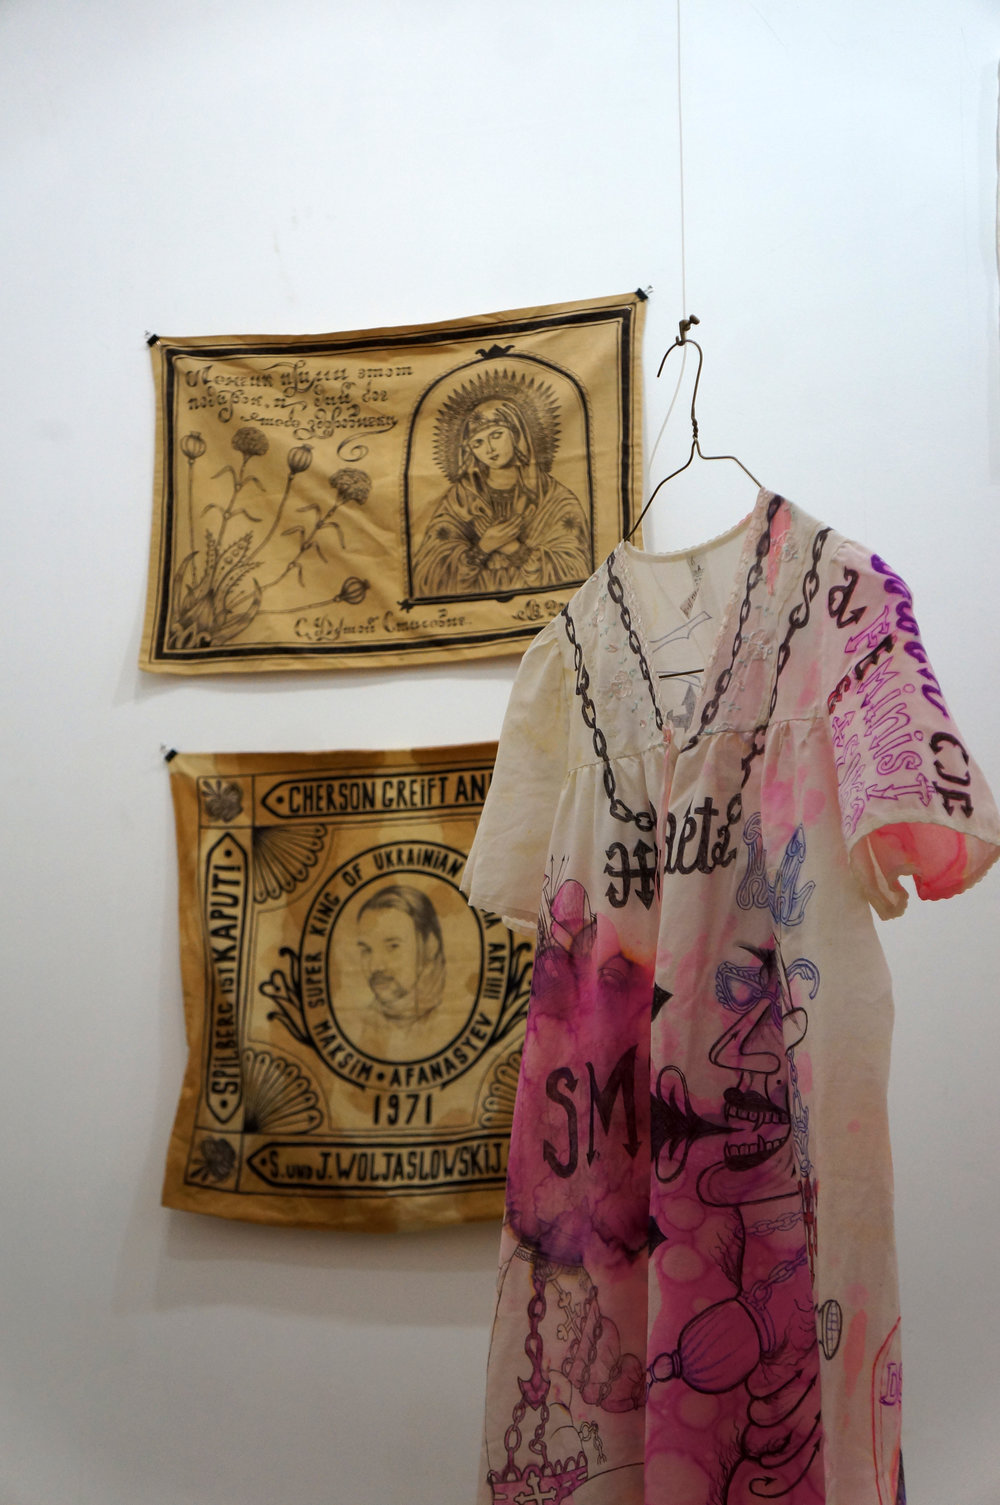 Виставка «STAS та все це плутанина з сучасним арт-ринком і мистецтвом в цілому. In memoriam Стас Волязловський» в Музеї сучасного мистецтва Одеси, 2018